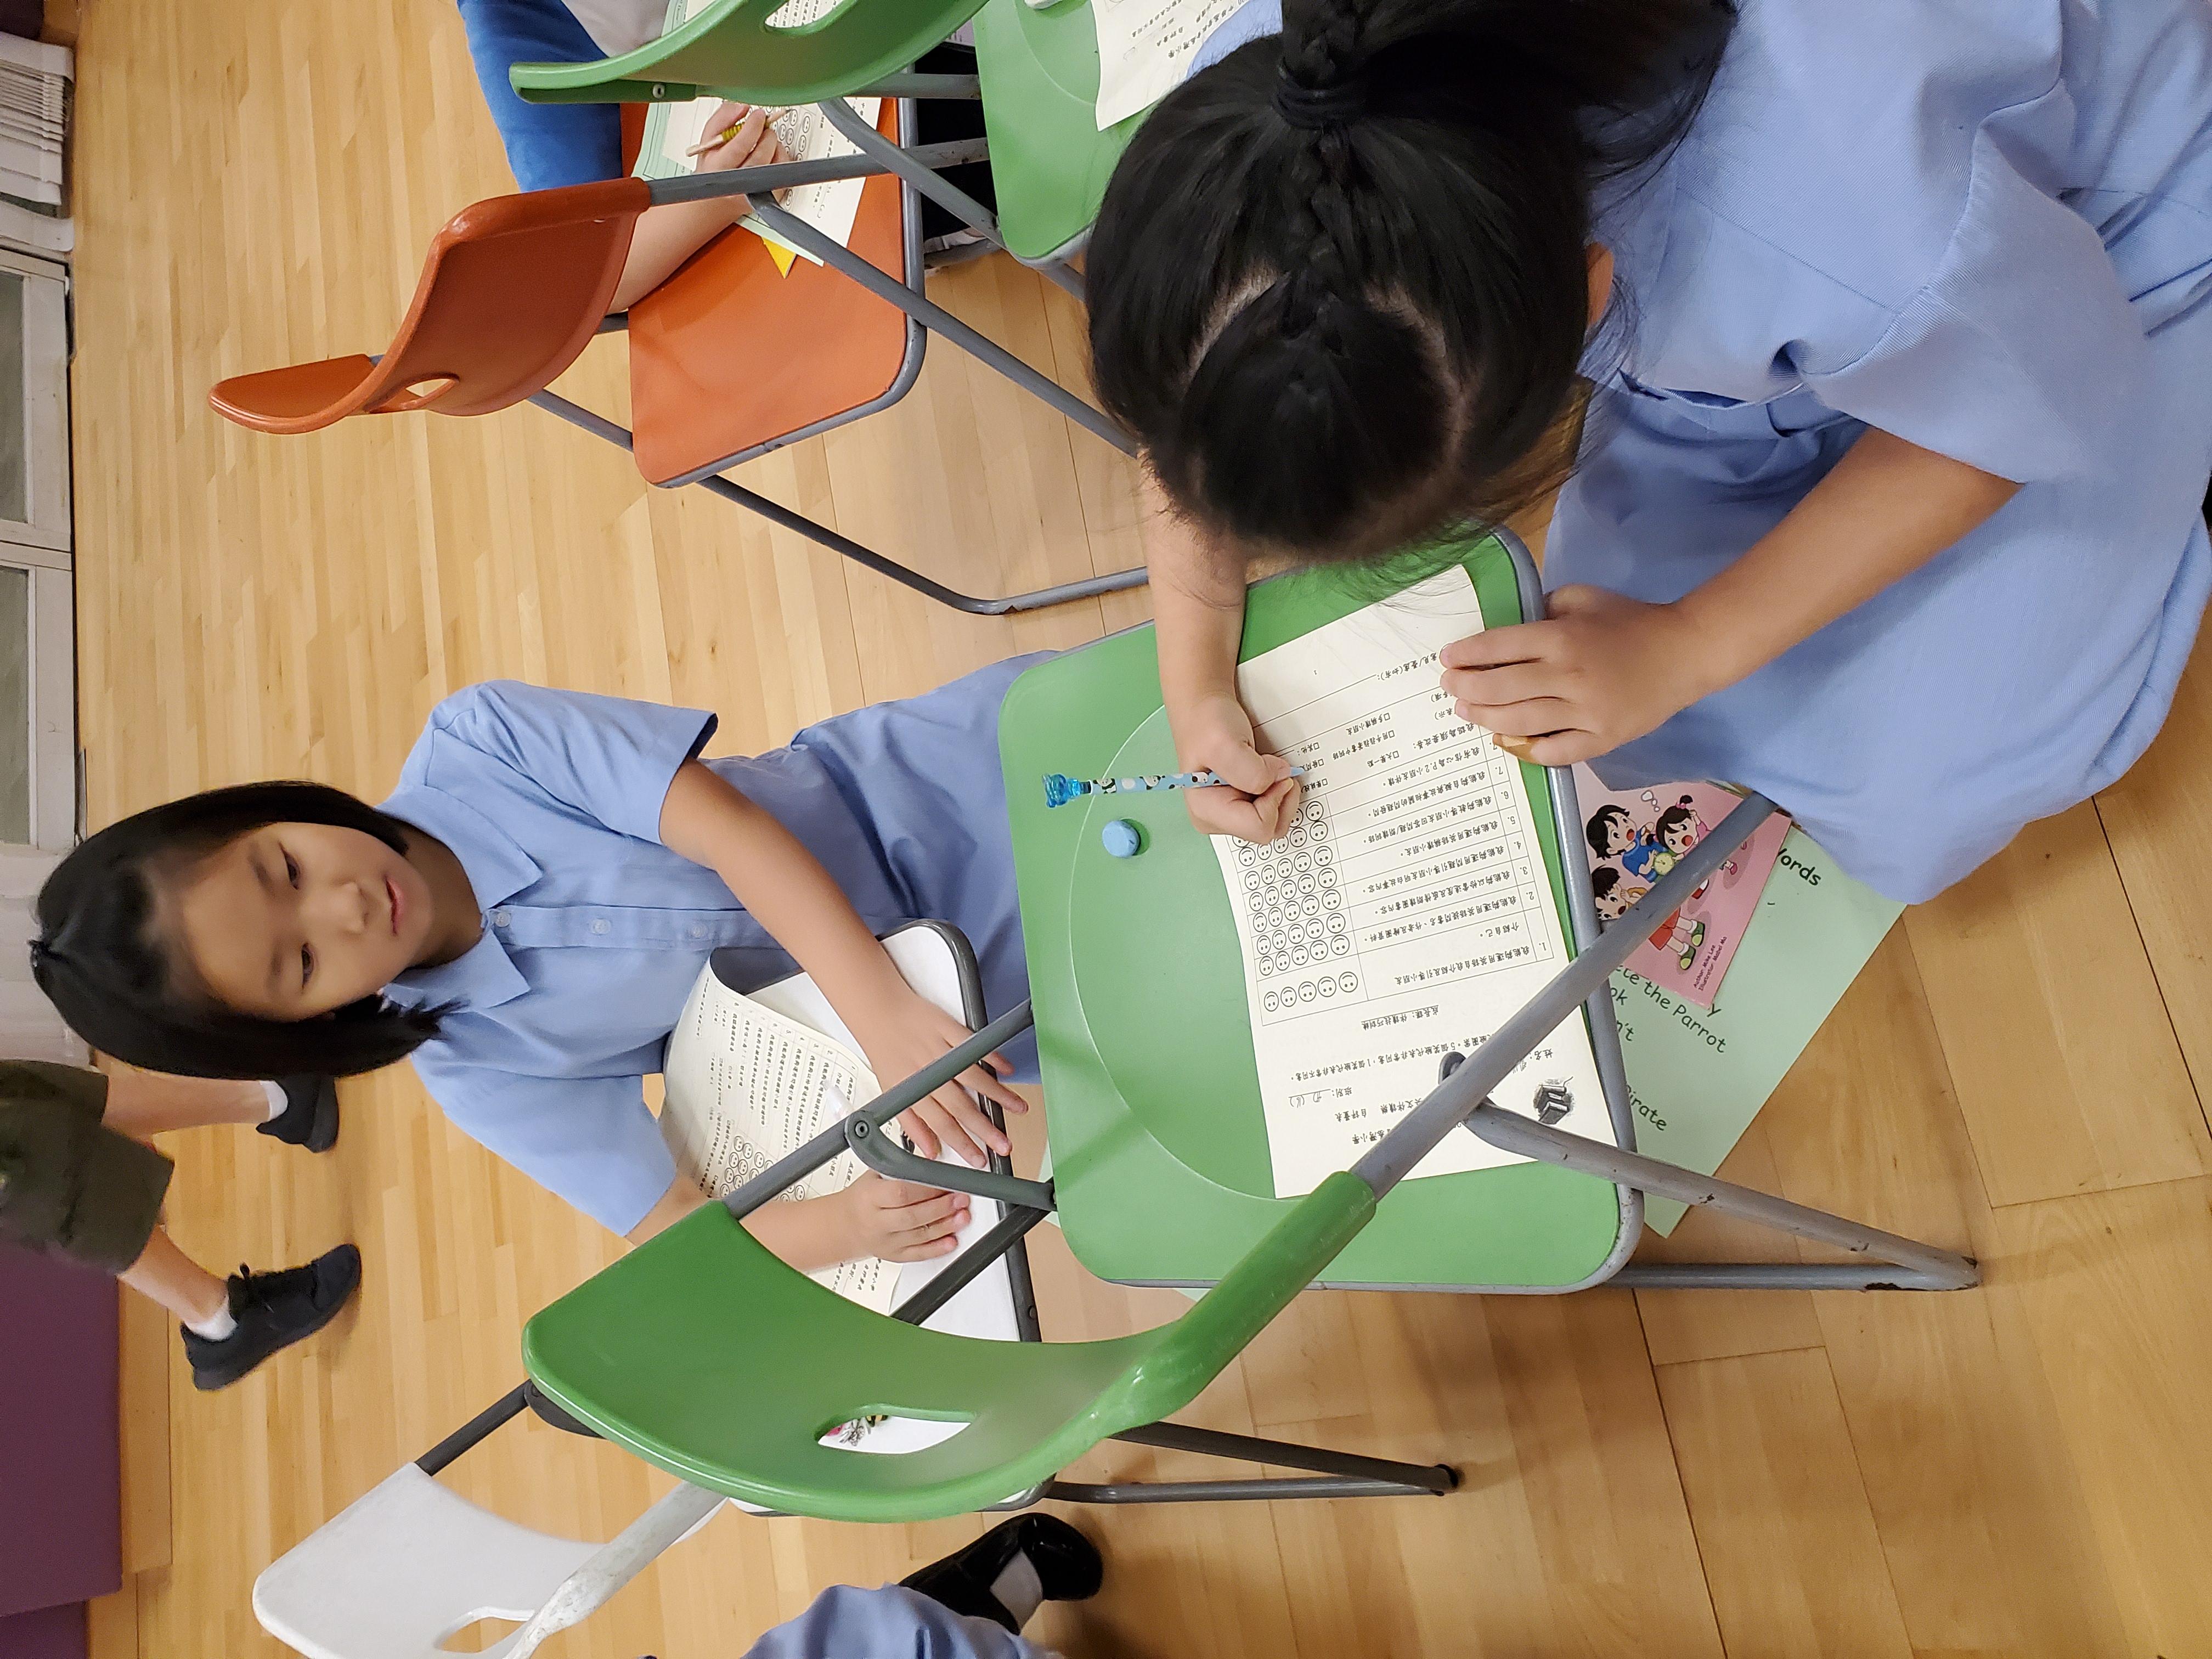 http://www.keiwan.edu.hk/sites/default/files/20191016_134422.jpg